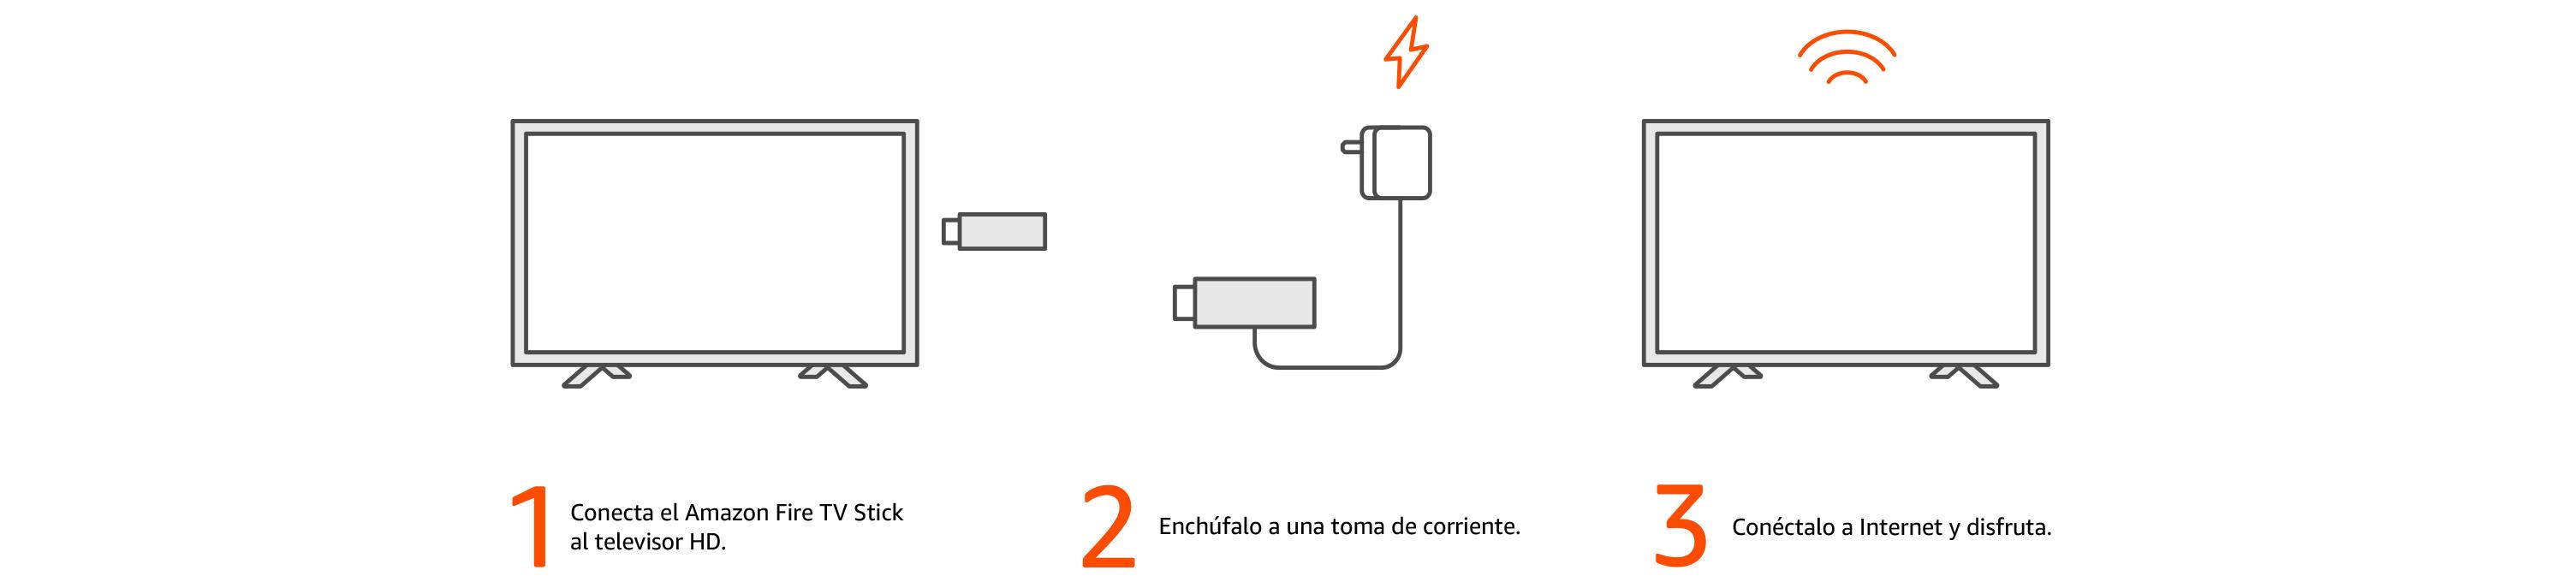 Fácil de configurar y usar